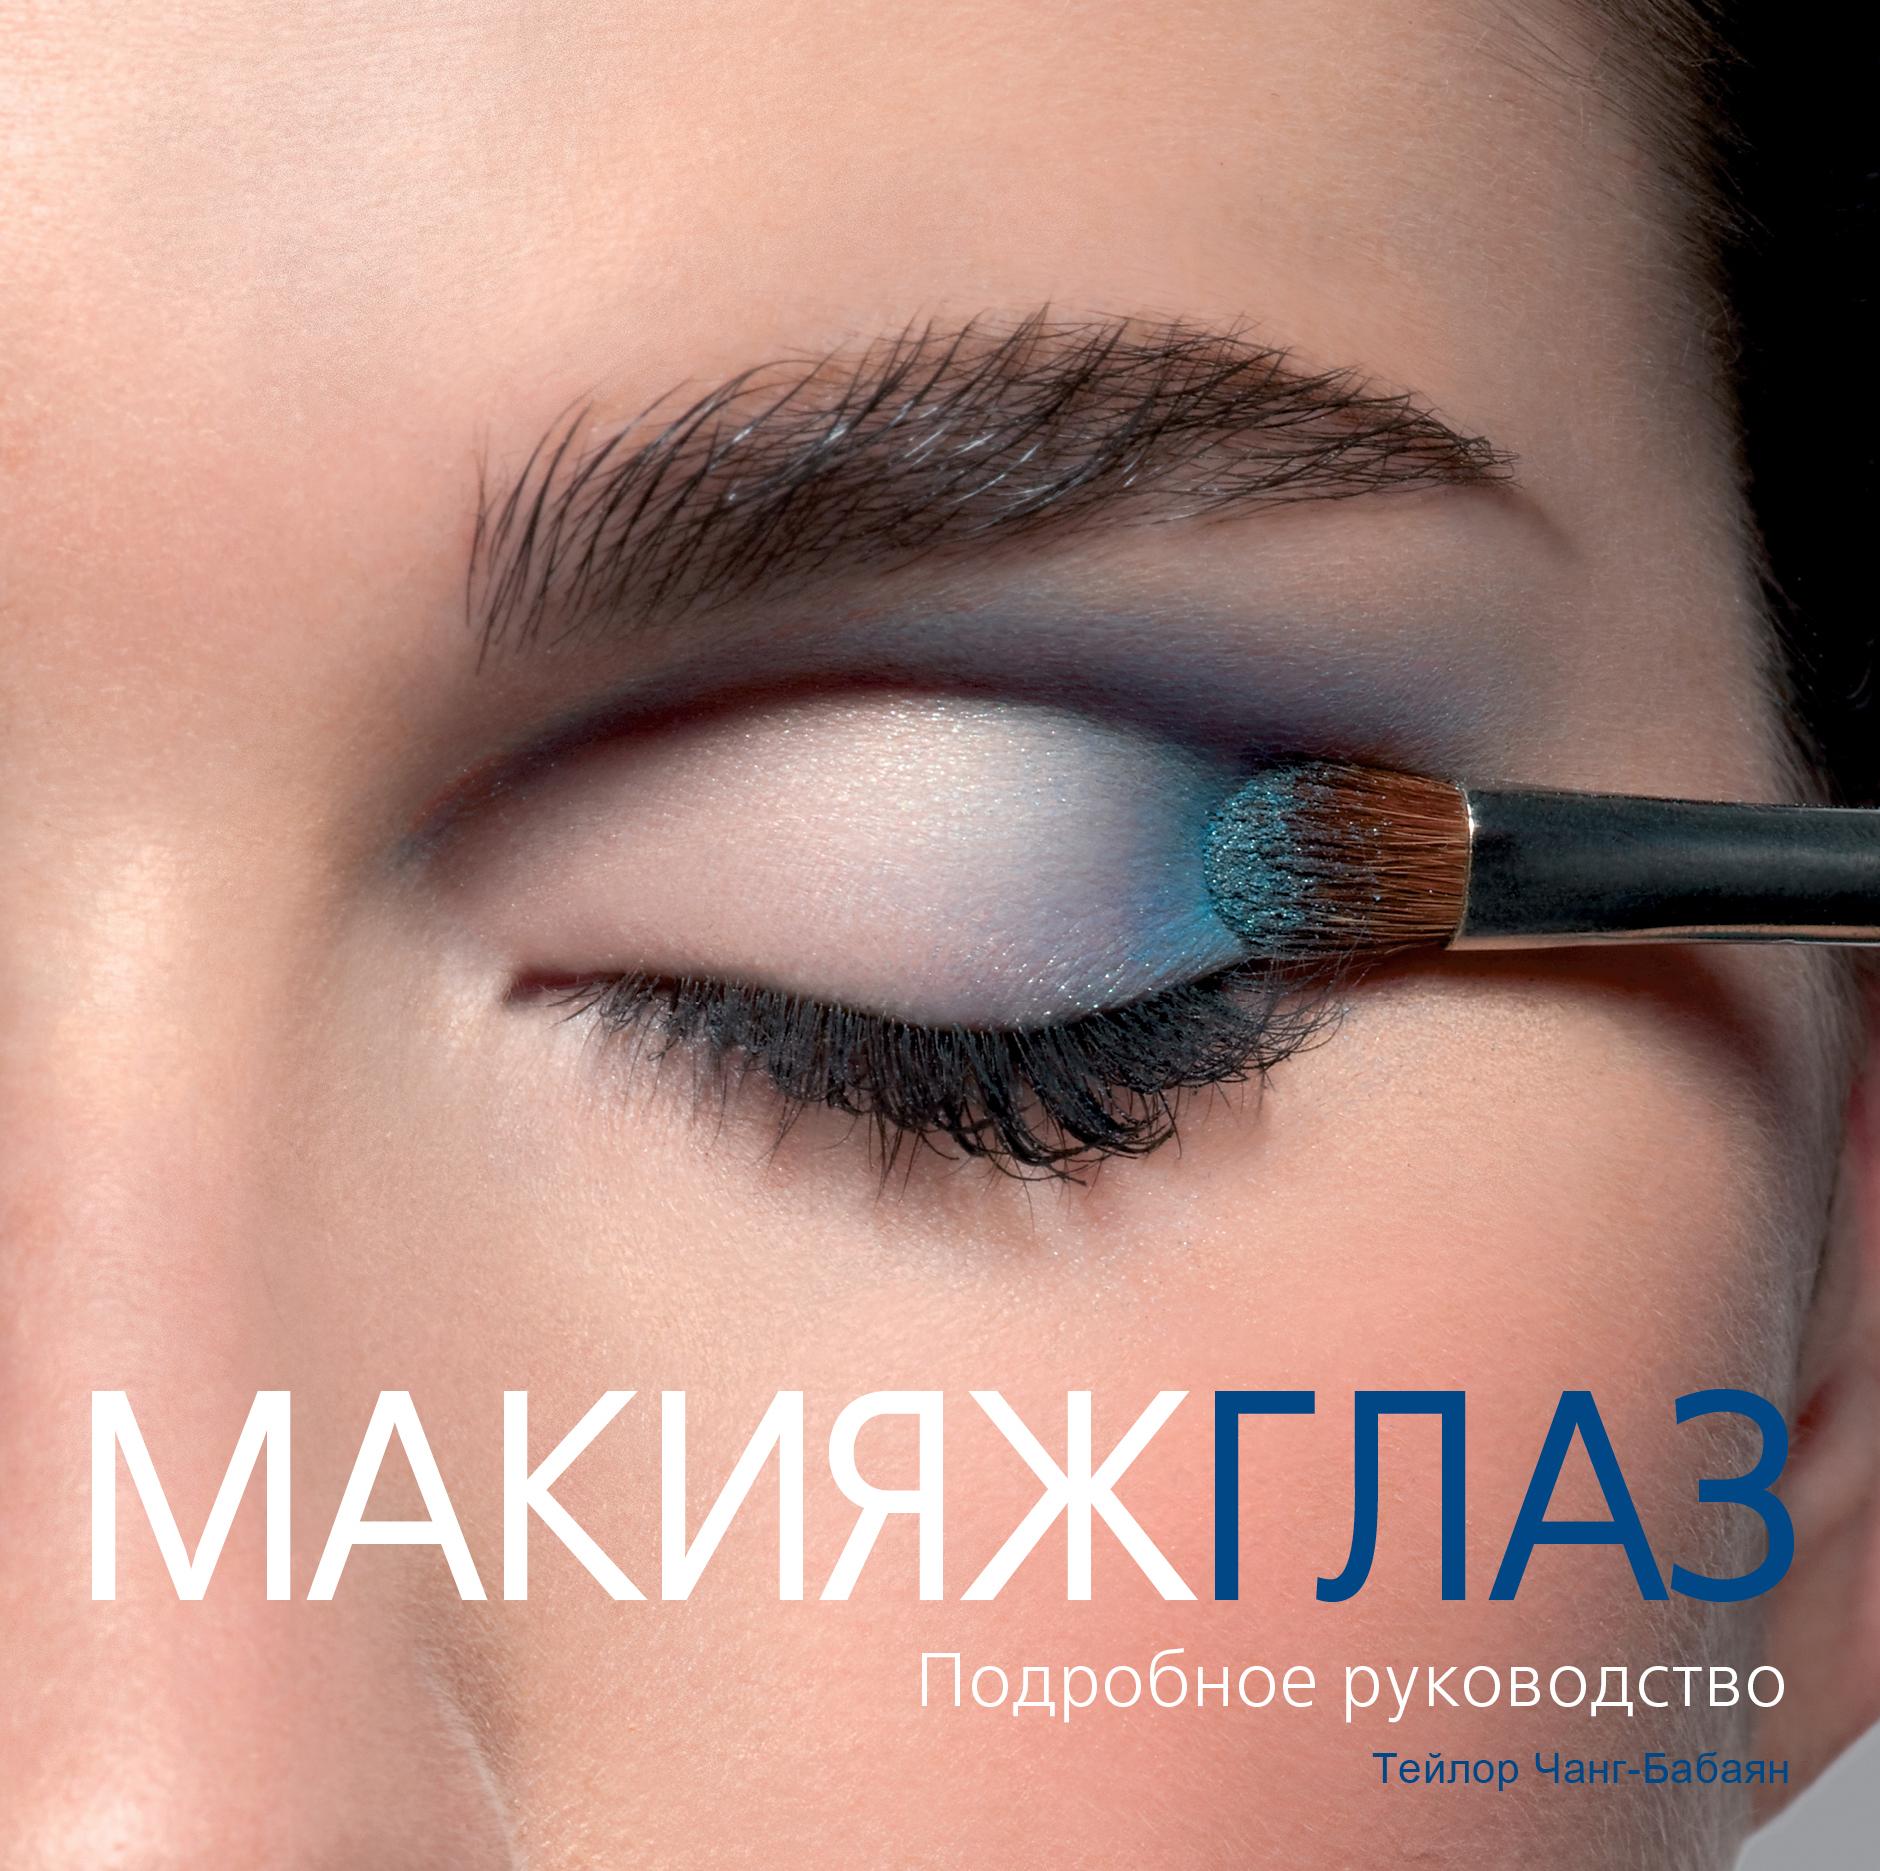 Чанг-Бабаян Т. Макияж глаз. Подробное руководство (KRASOTA. Макияж от профессионалов) бобби браун макияж глаз